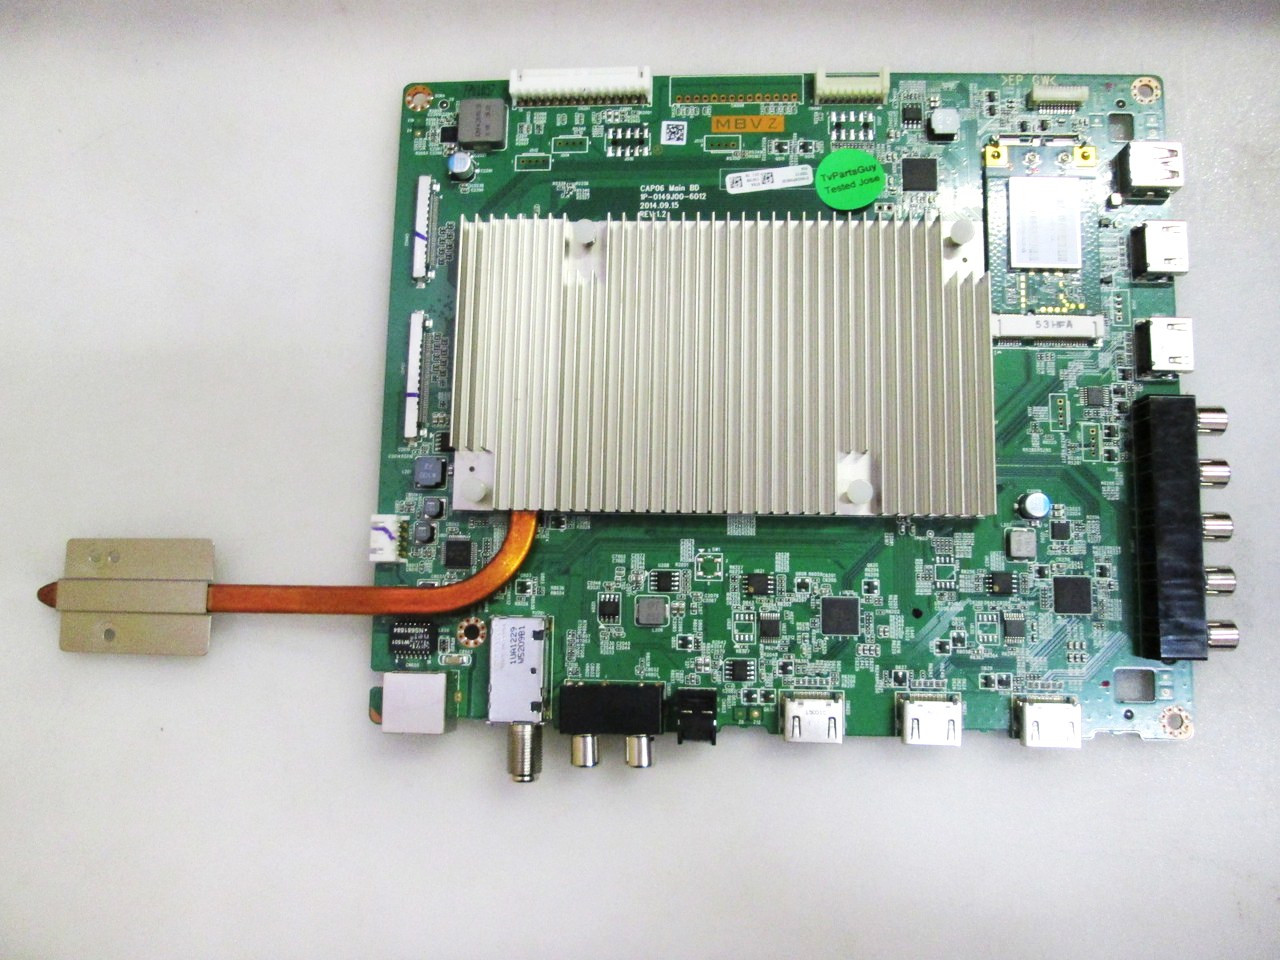 Vizio M60-C3 Main board / Power Supply board / Tcon board & LED Driver KIT 0160CAP09E00 / 09-60CAP090-00 / RUNTK5556TP / 1P-114BJ00-2011